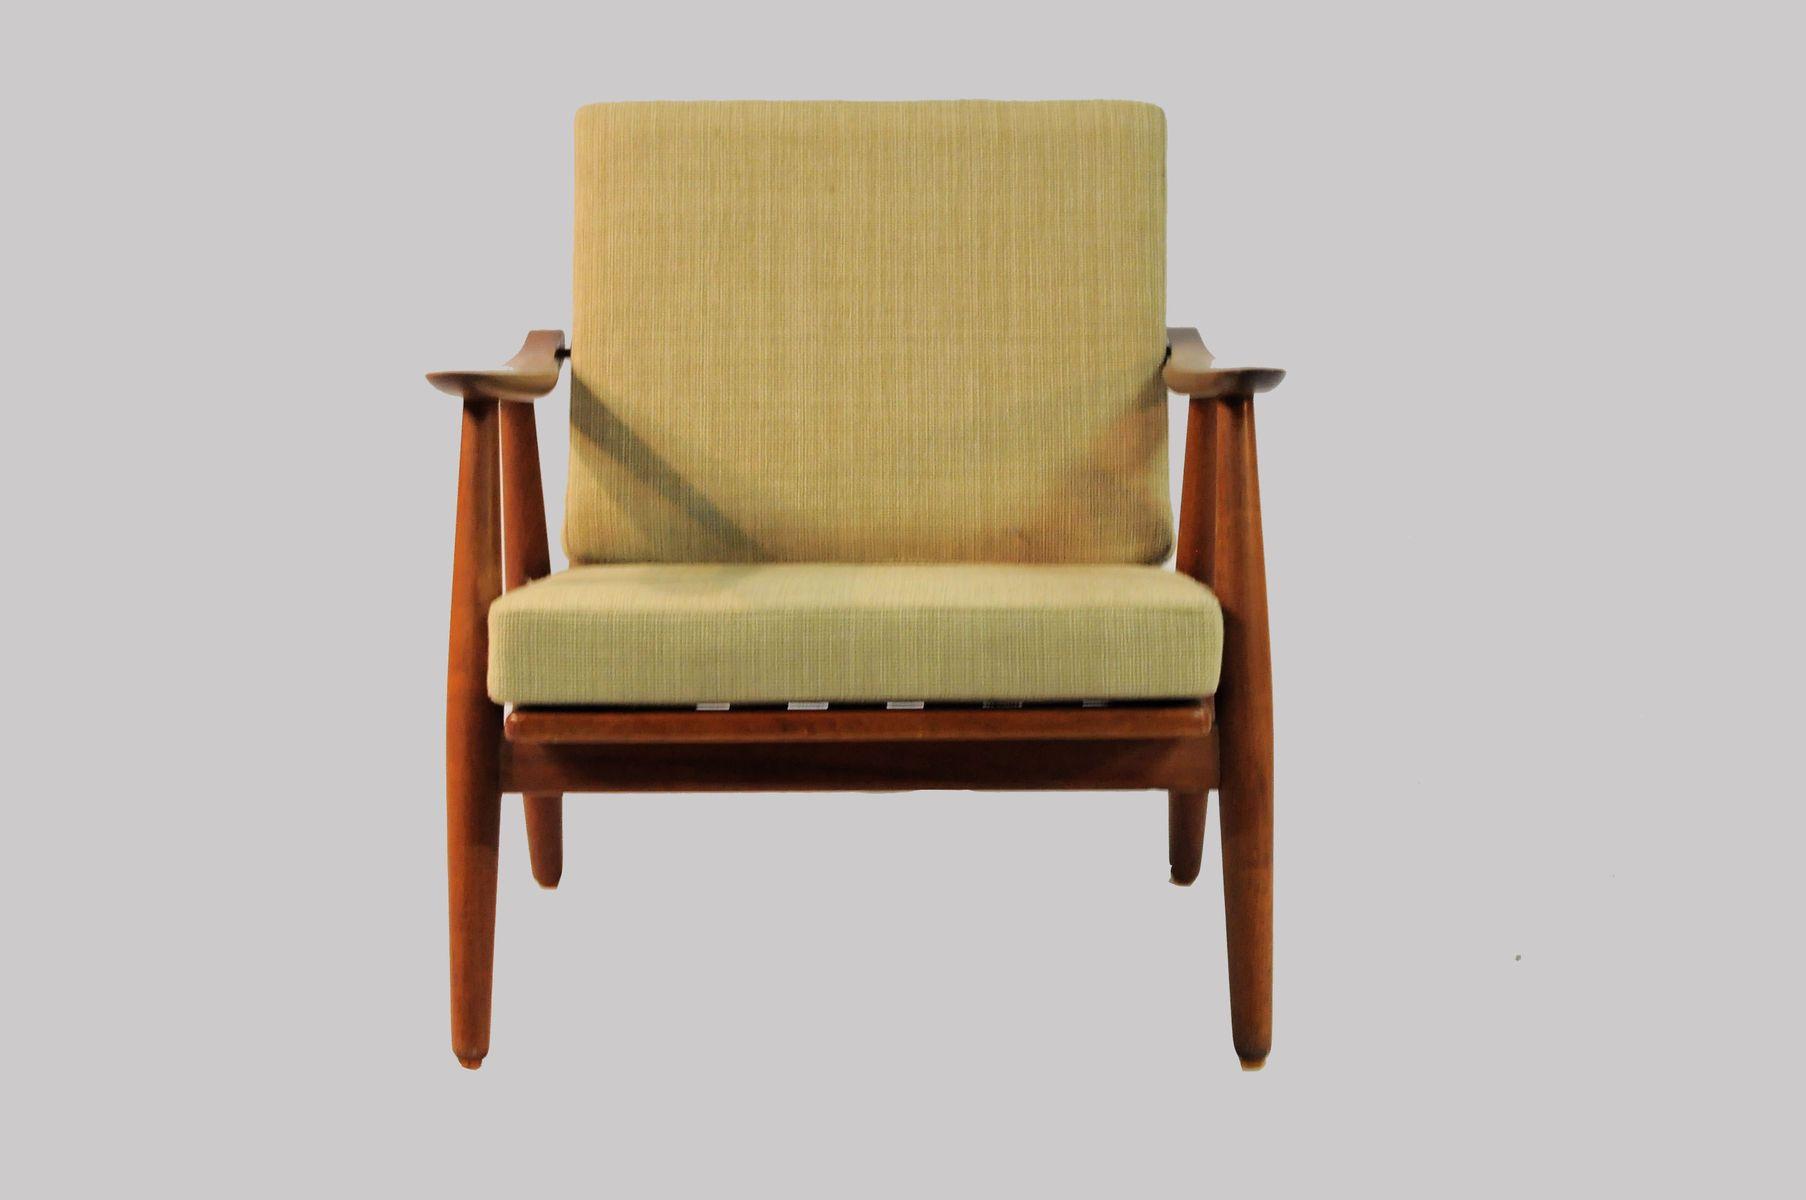 modell 240 cigar sessel von h j wegner f r getama 1950er. Black Bedroom Furniture Sets. Home Design Ideas